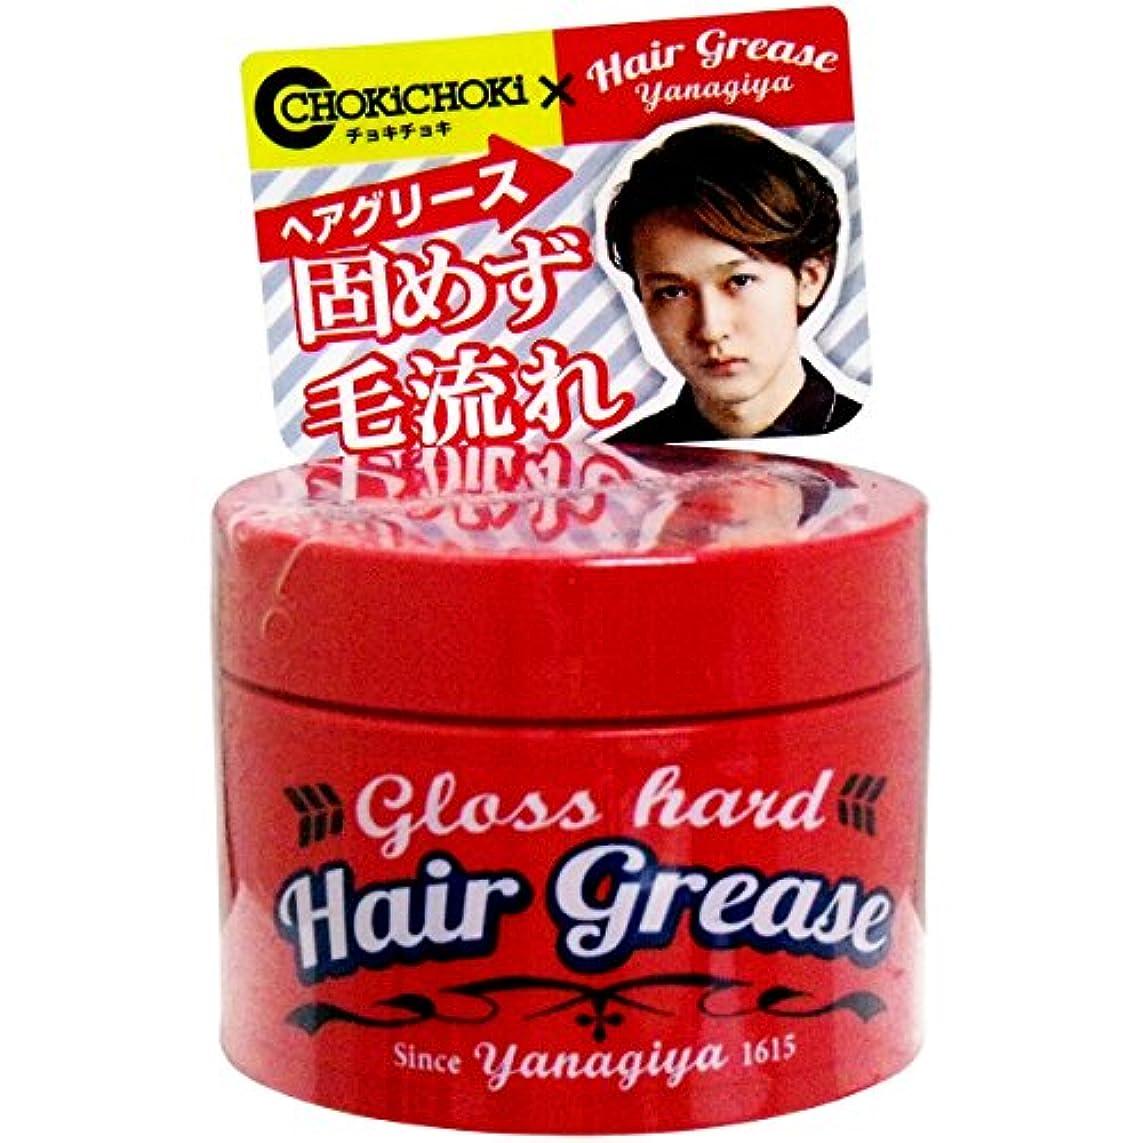 致命的なオーストラリア人独創的ヘアワックス 固めず毛流れ 使いやすい YANAGIYA ヘアグリース グロスハード 90g入【3個セット】